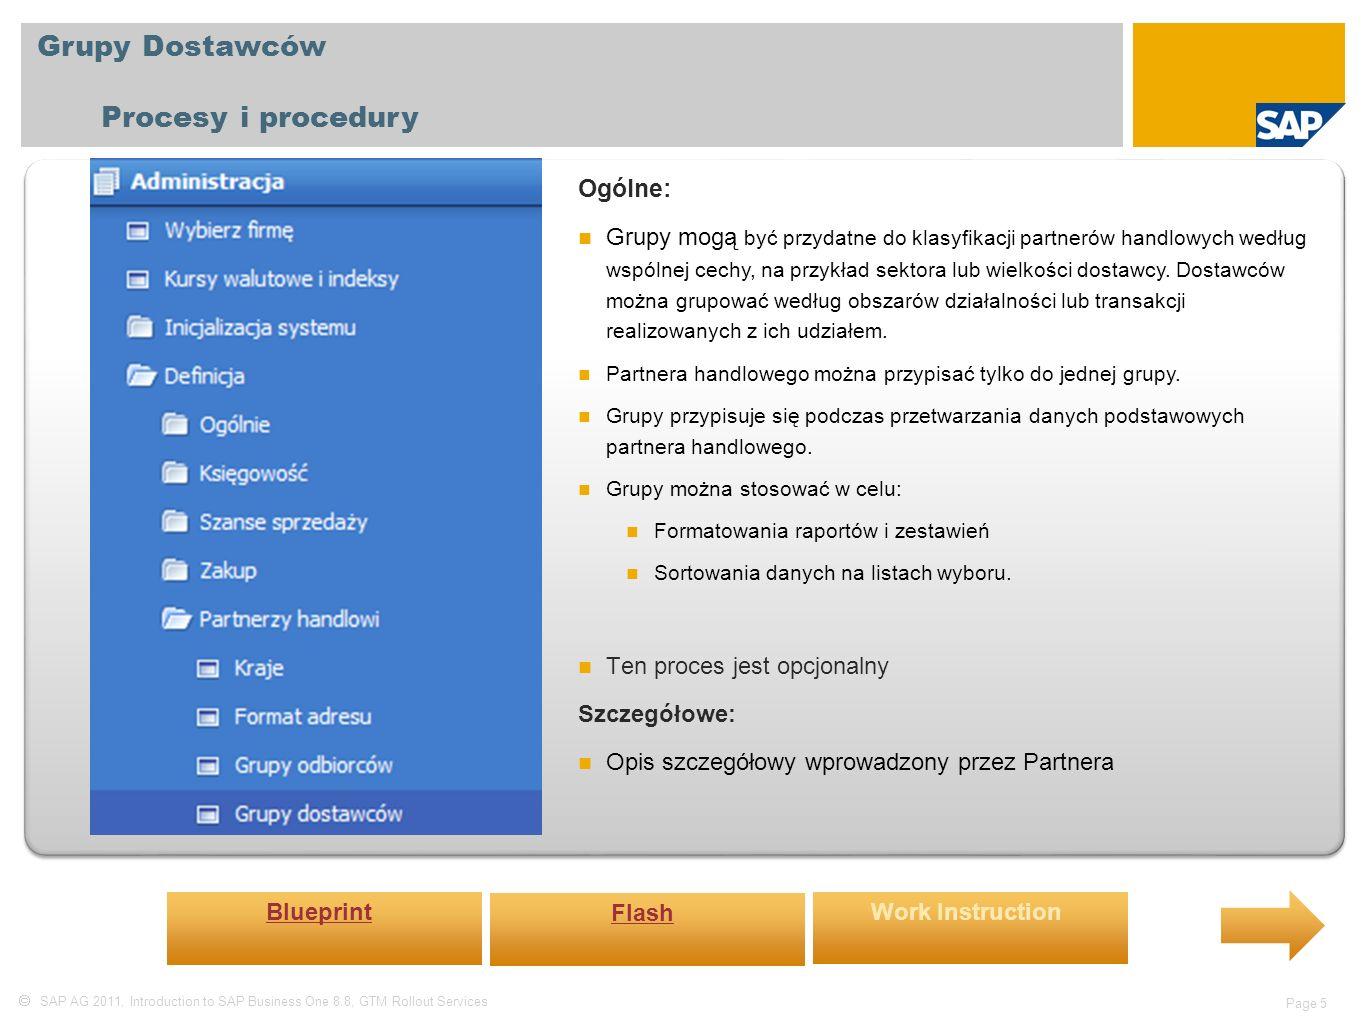  SAP AG 2011, Introduction to SAP Business One 8.8, GTM Rollout Services Page 6 Charakterystyki Partnerów Handlowych Procesy i procedury Ogólne: Partnerów handlowych można sklasyfikować, używając w tym celu charakterystyk zdefiniowanych zgodnie z wymaganiami biznesowymi.